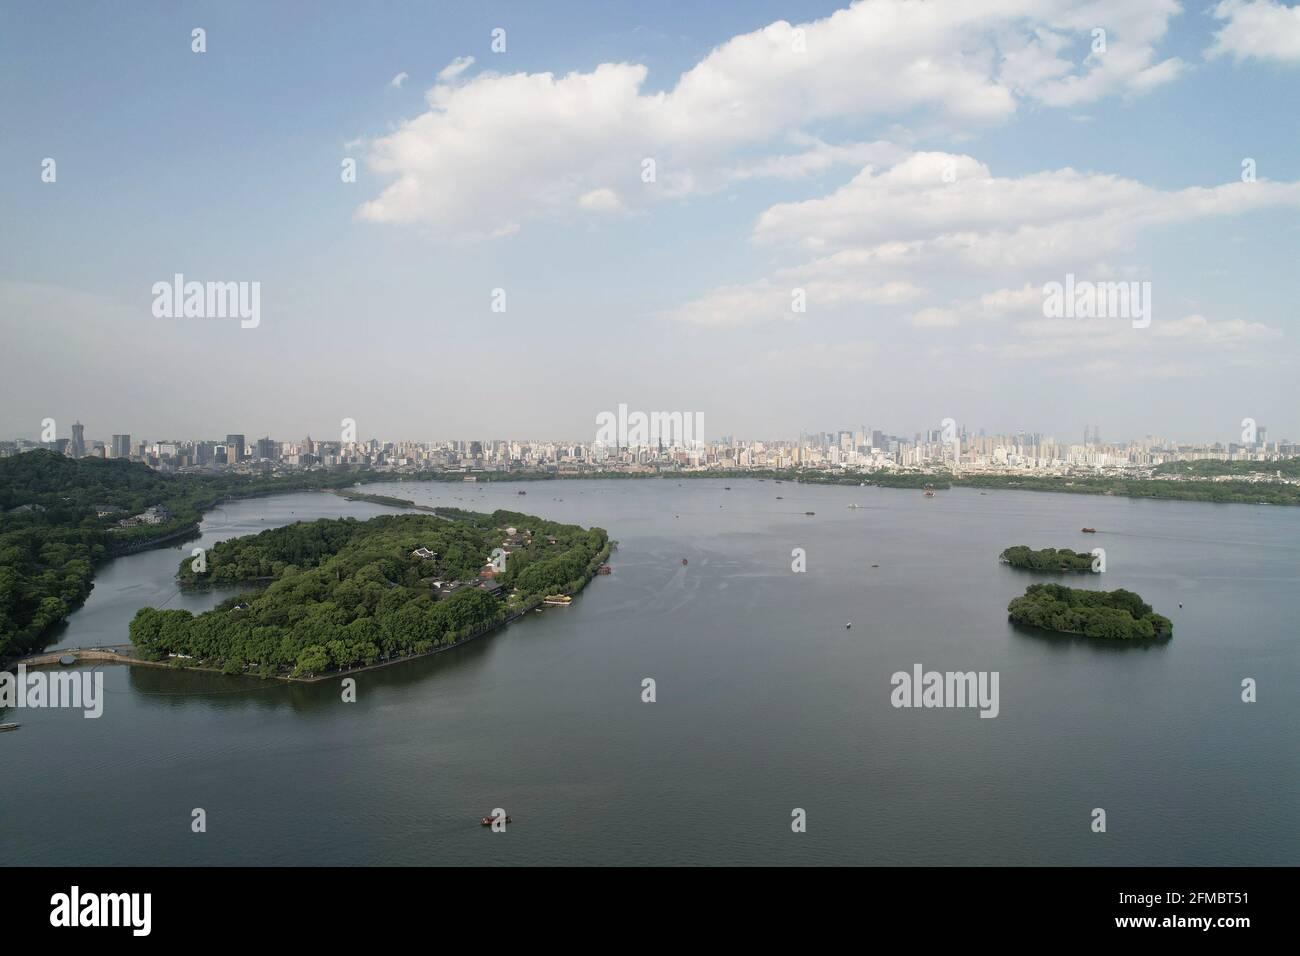 Hangzhou. 7 maggio 2021. La foto aerea scattata il 7 maggio 2021 mostra una vista dell'area panoramica del Lago Ovest a Hangzhou, capitale della provincia Zhejiang della Cina orientale. Credit: Long Wei/Xinhua/Alamy Live News Foto Stock